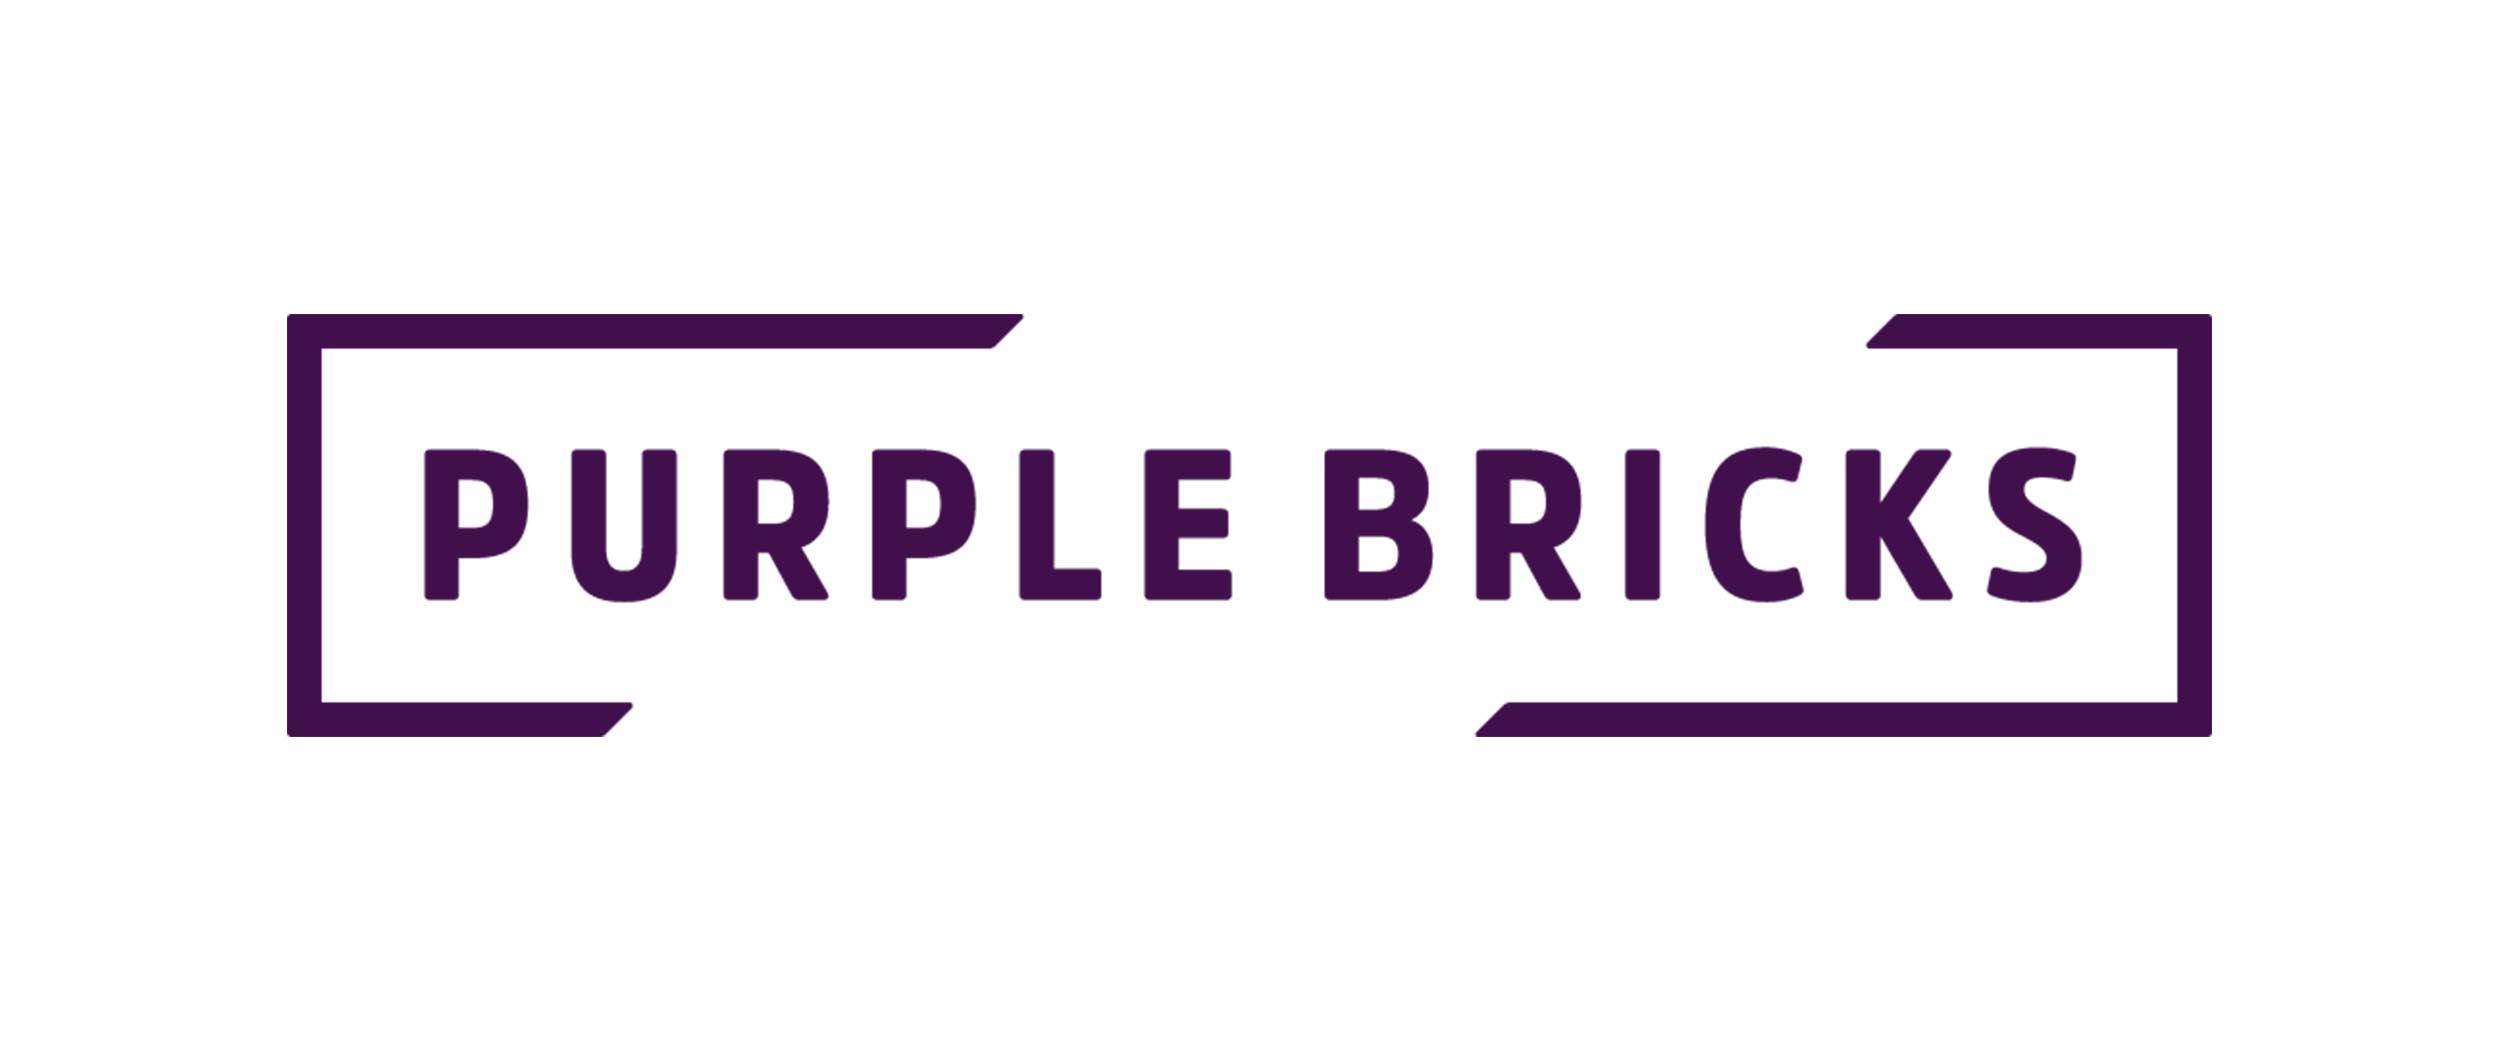 13 Purple Bricks.jpg